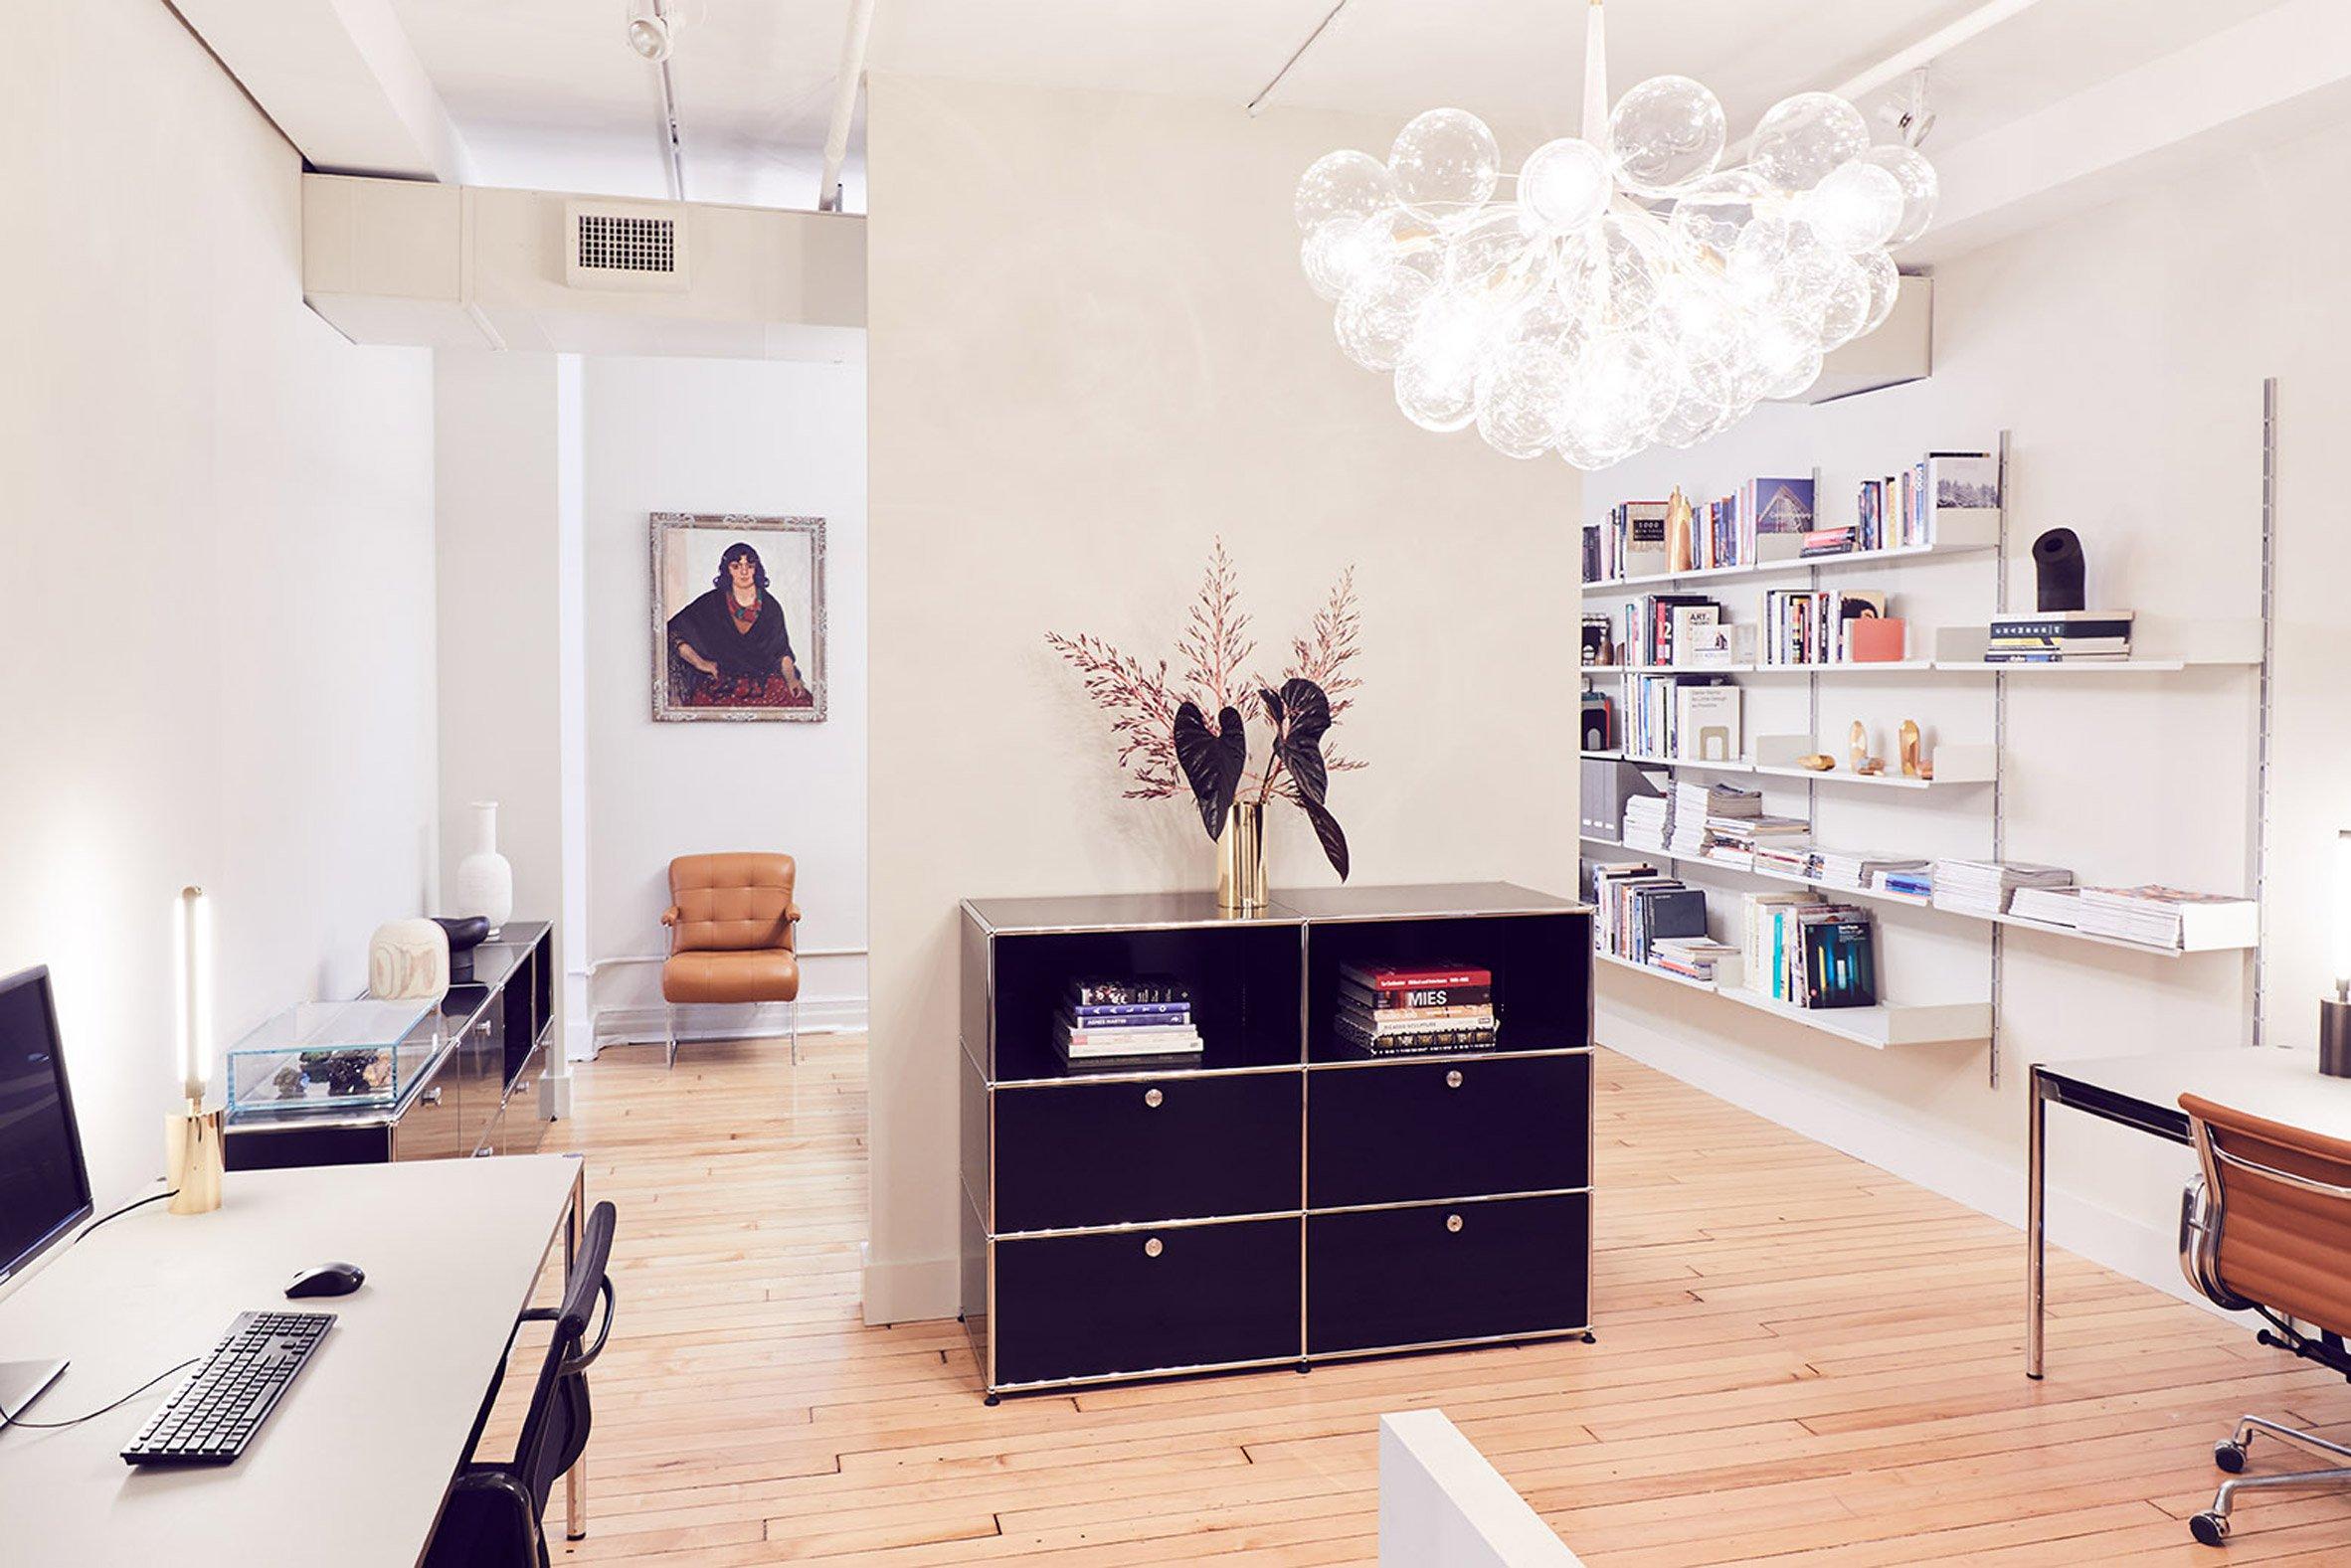 pelle-show-room-new-york-interiors_dezeen_2364_col_3